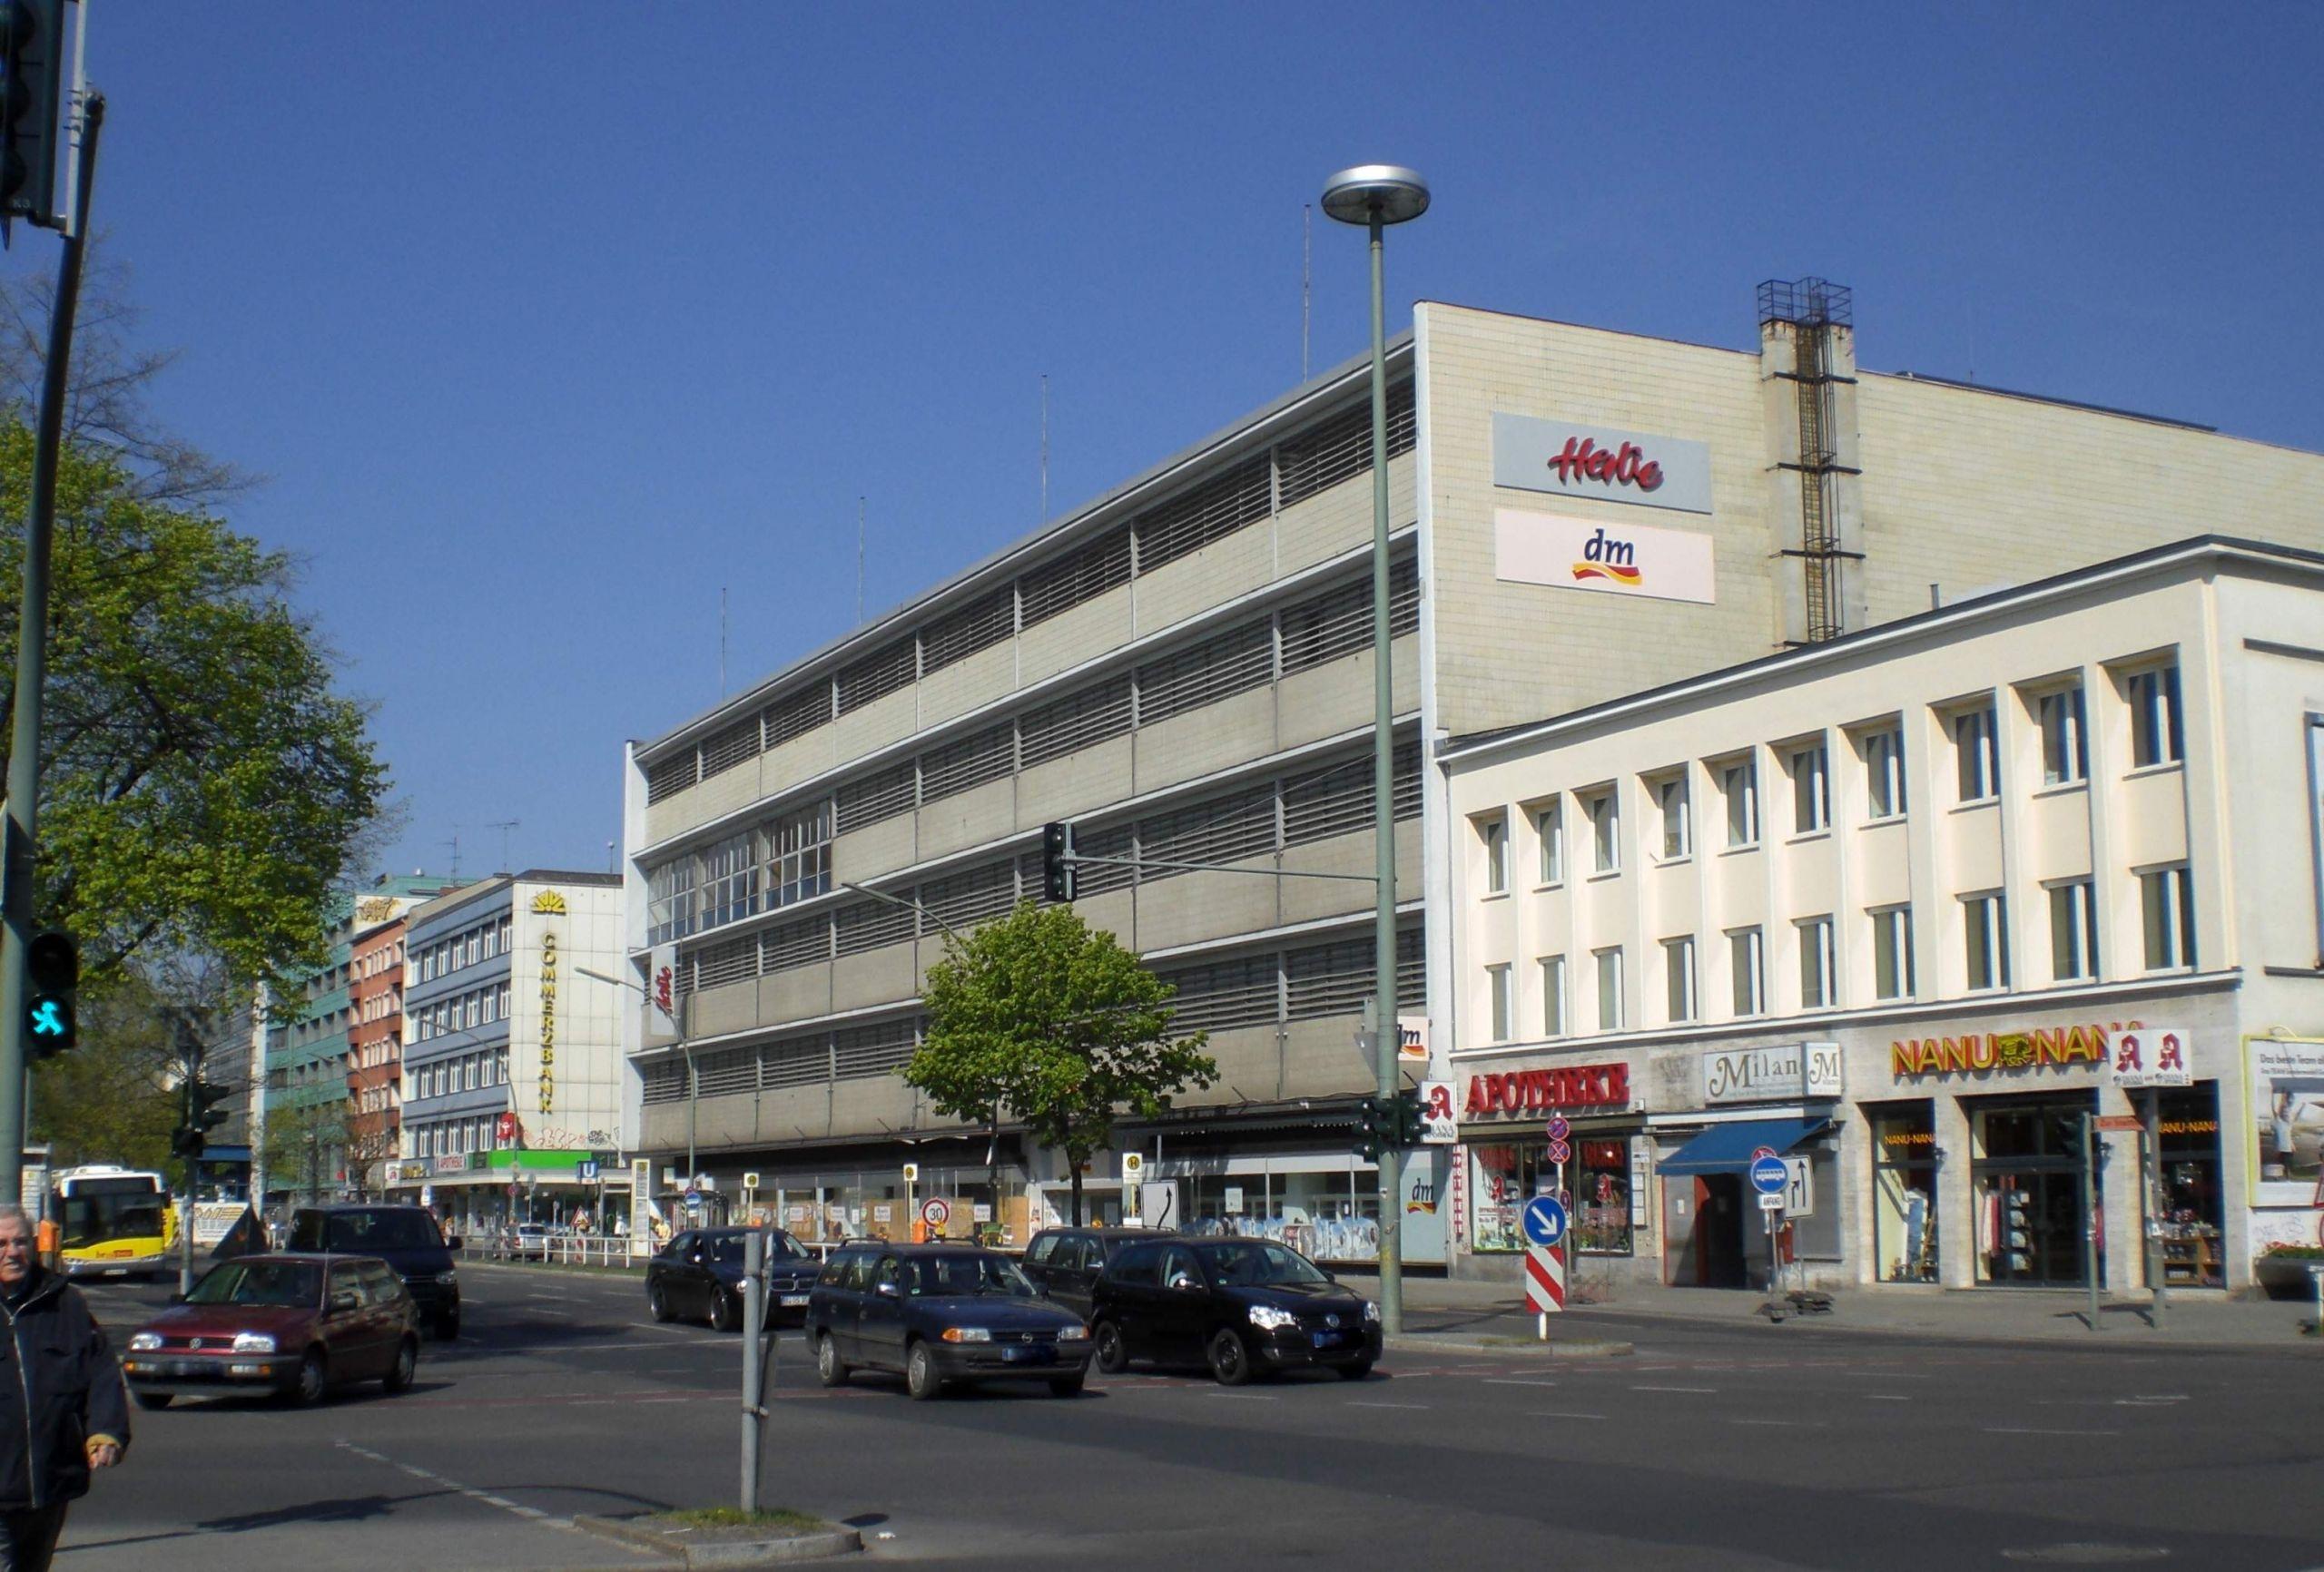 MoabitTurmstraße 4